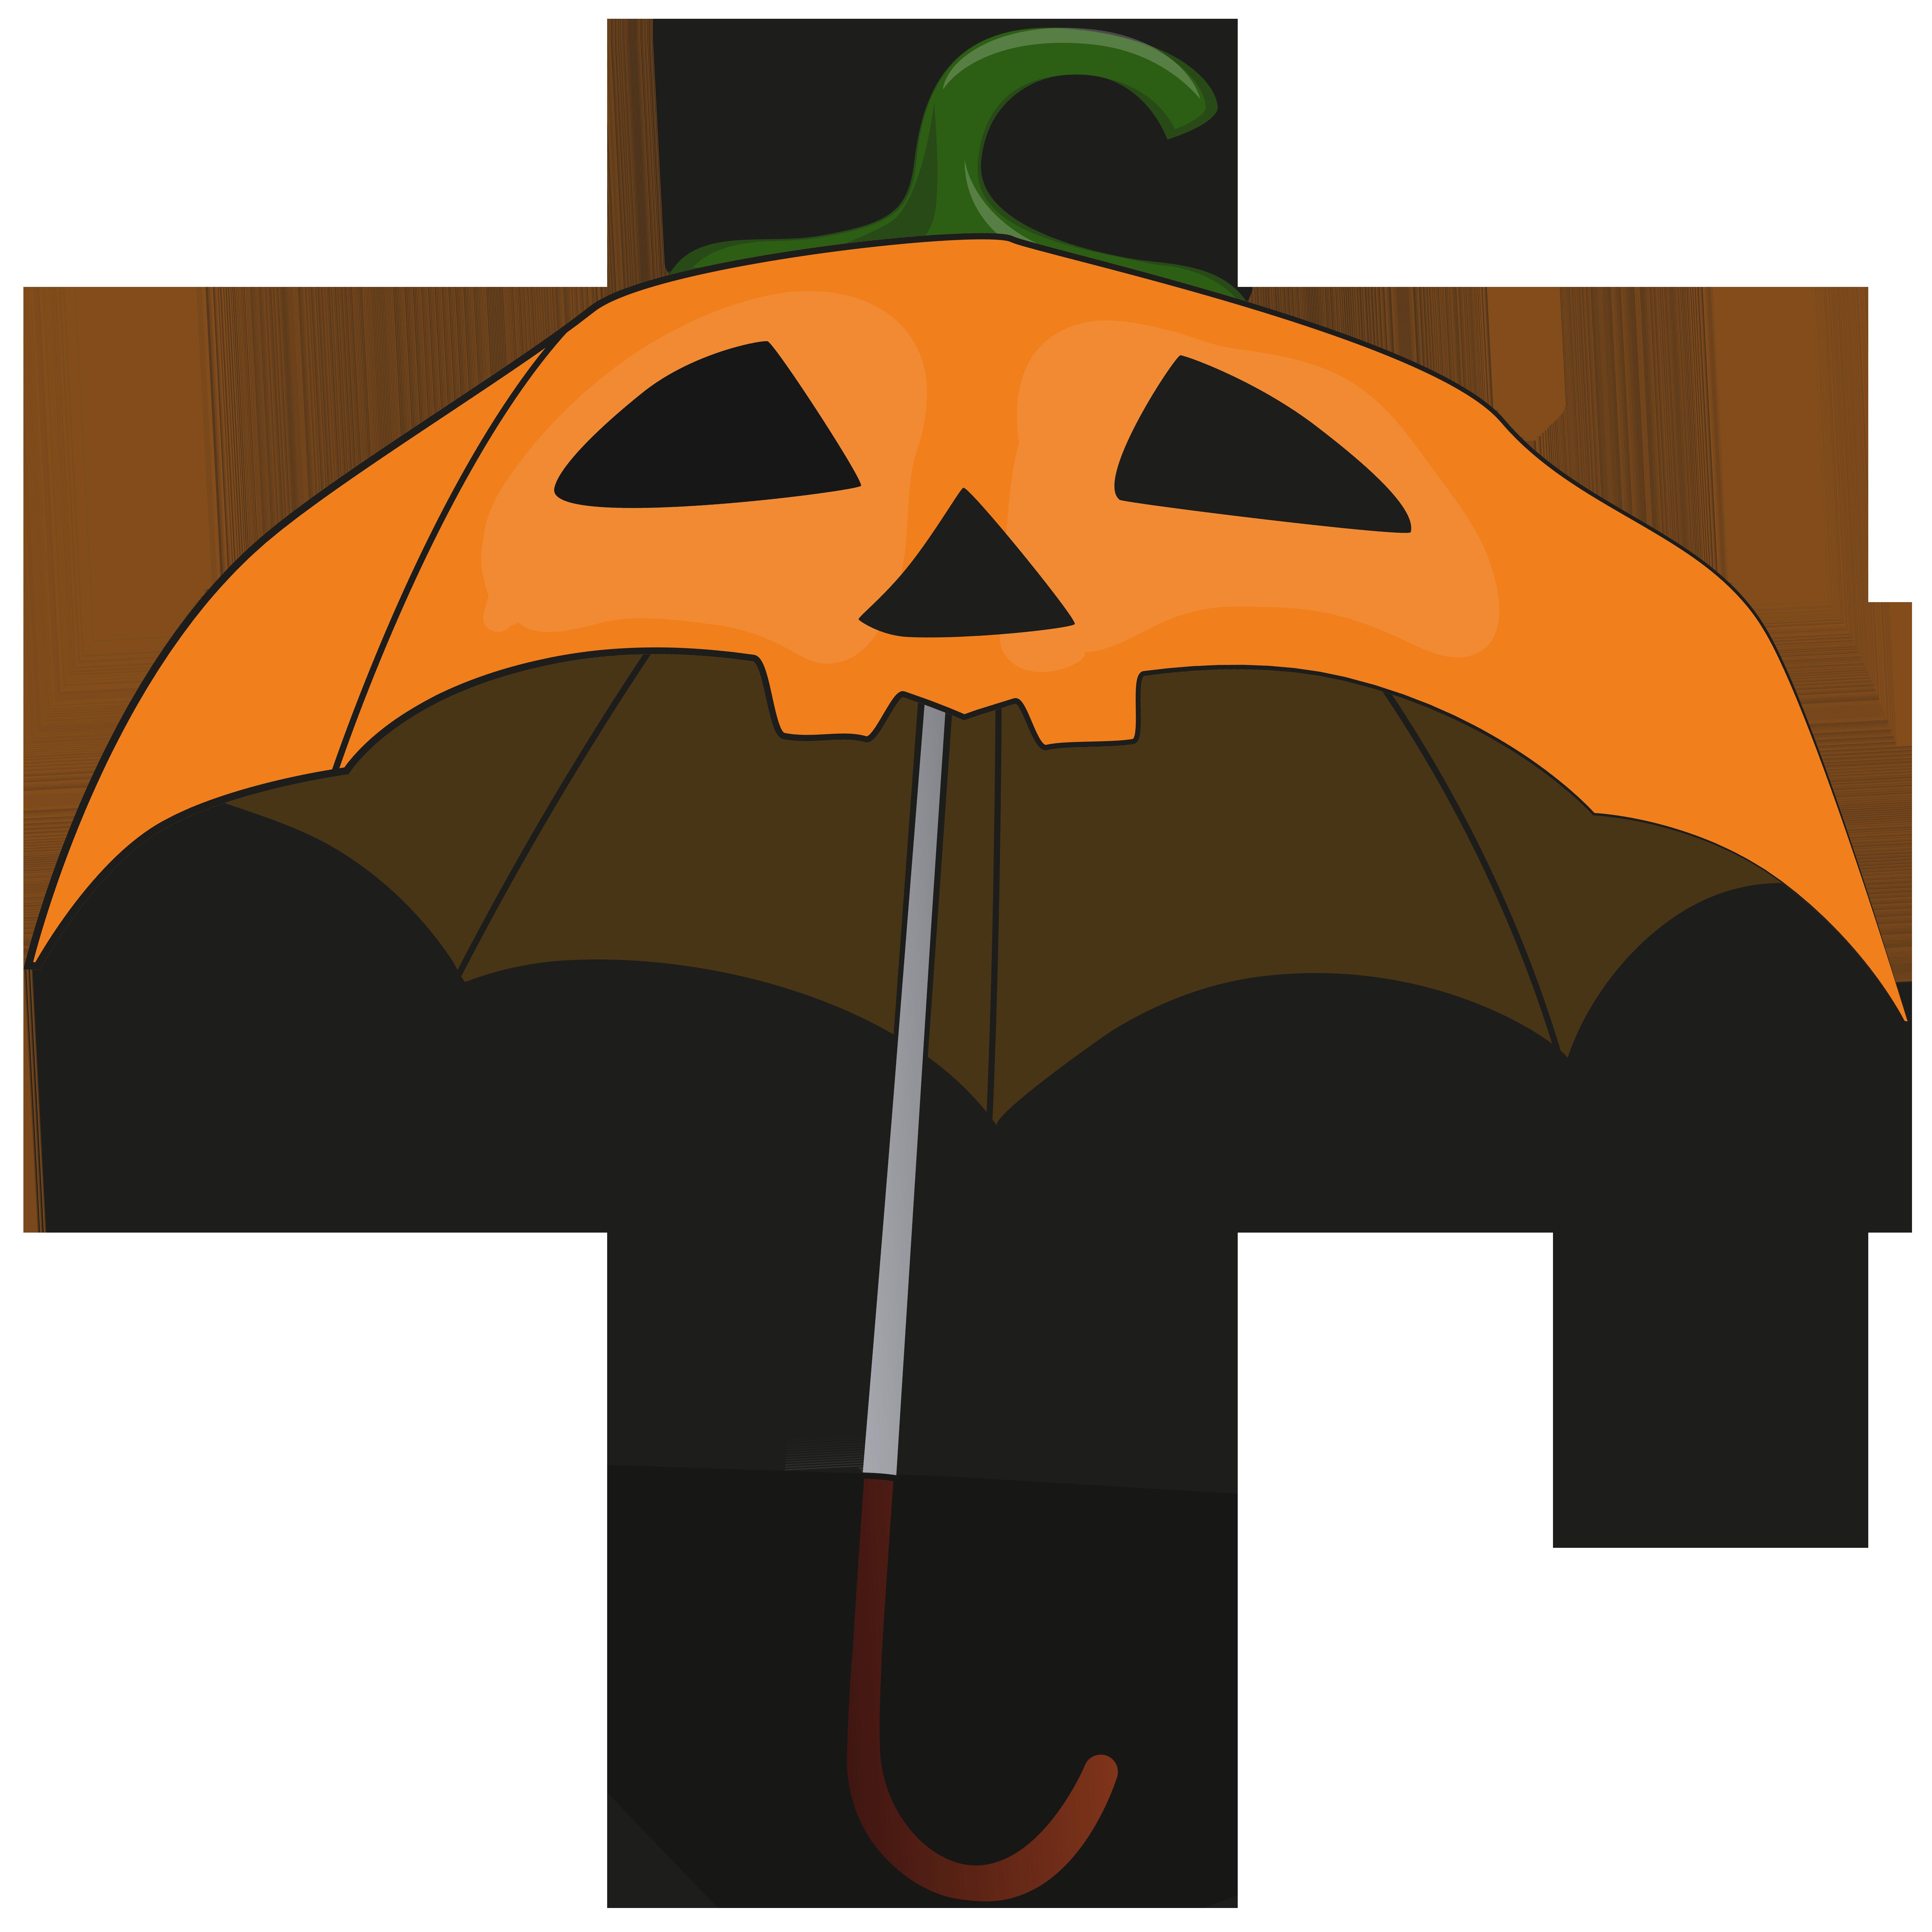 Umbrella Png - ClipArt Best